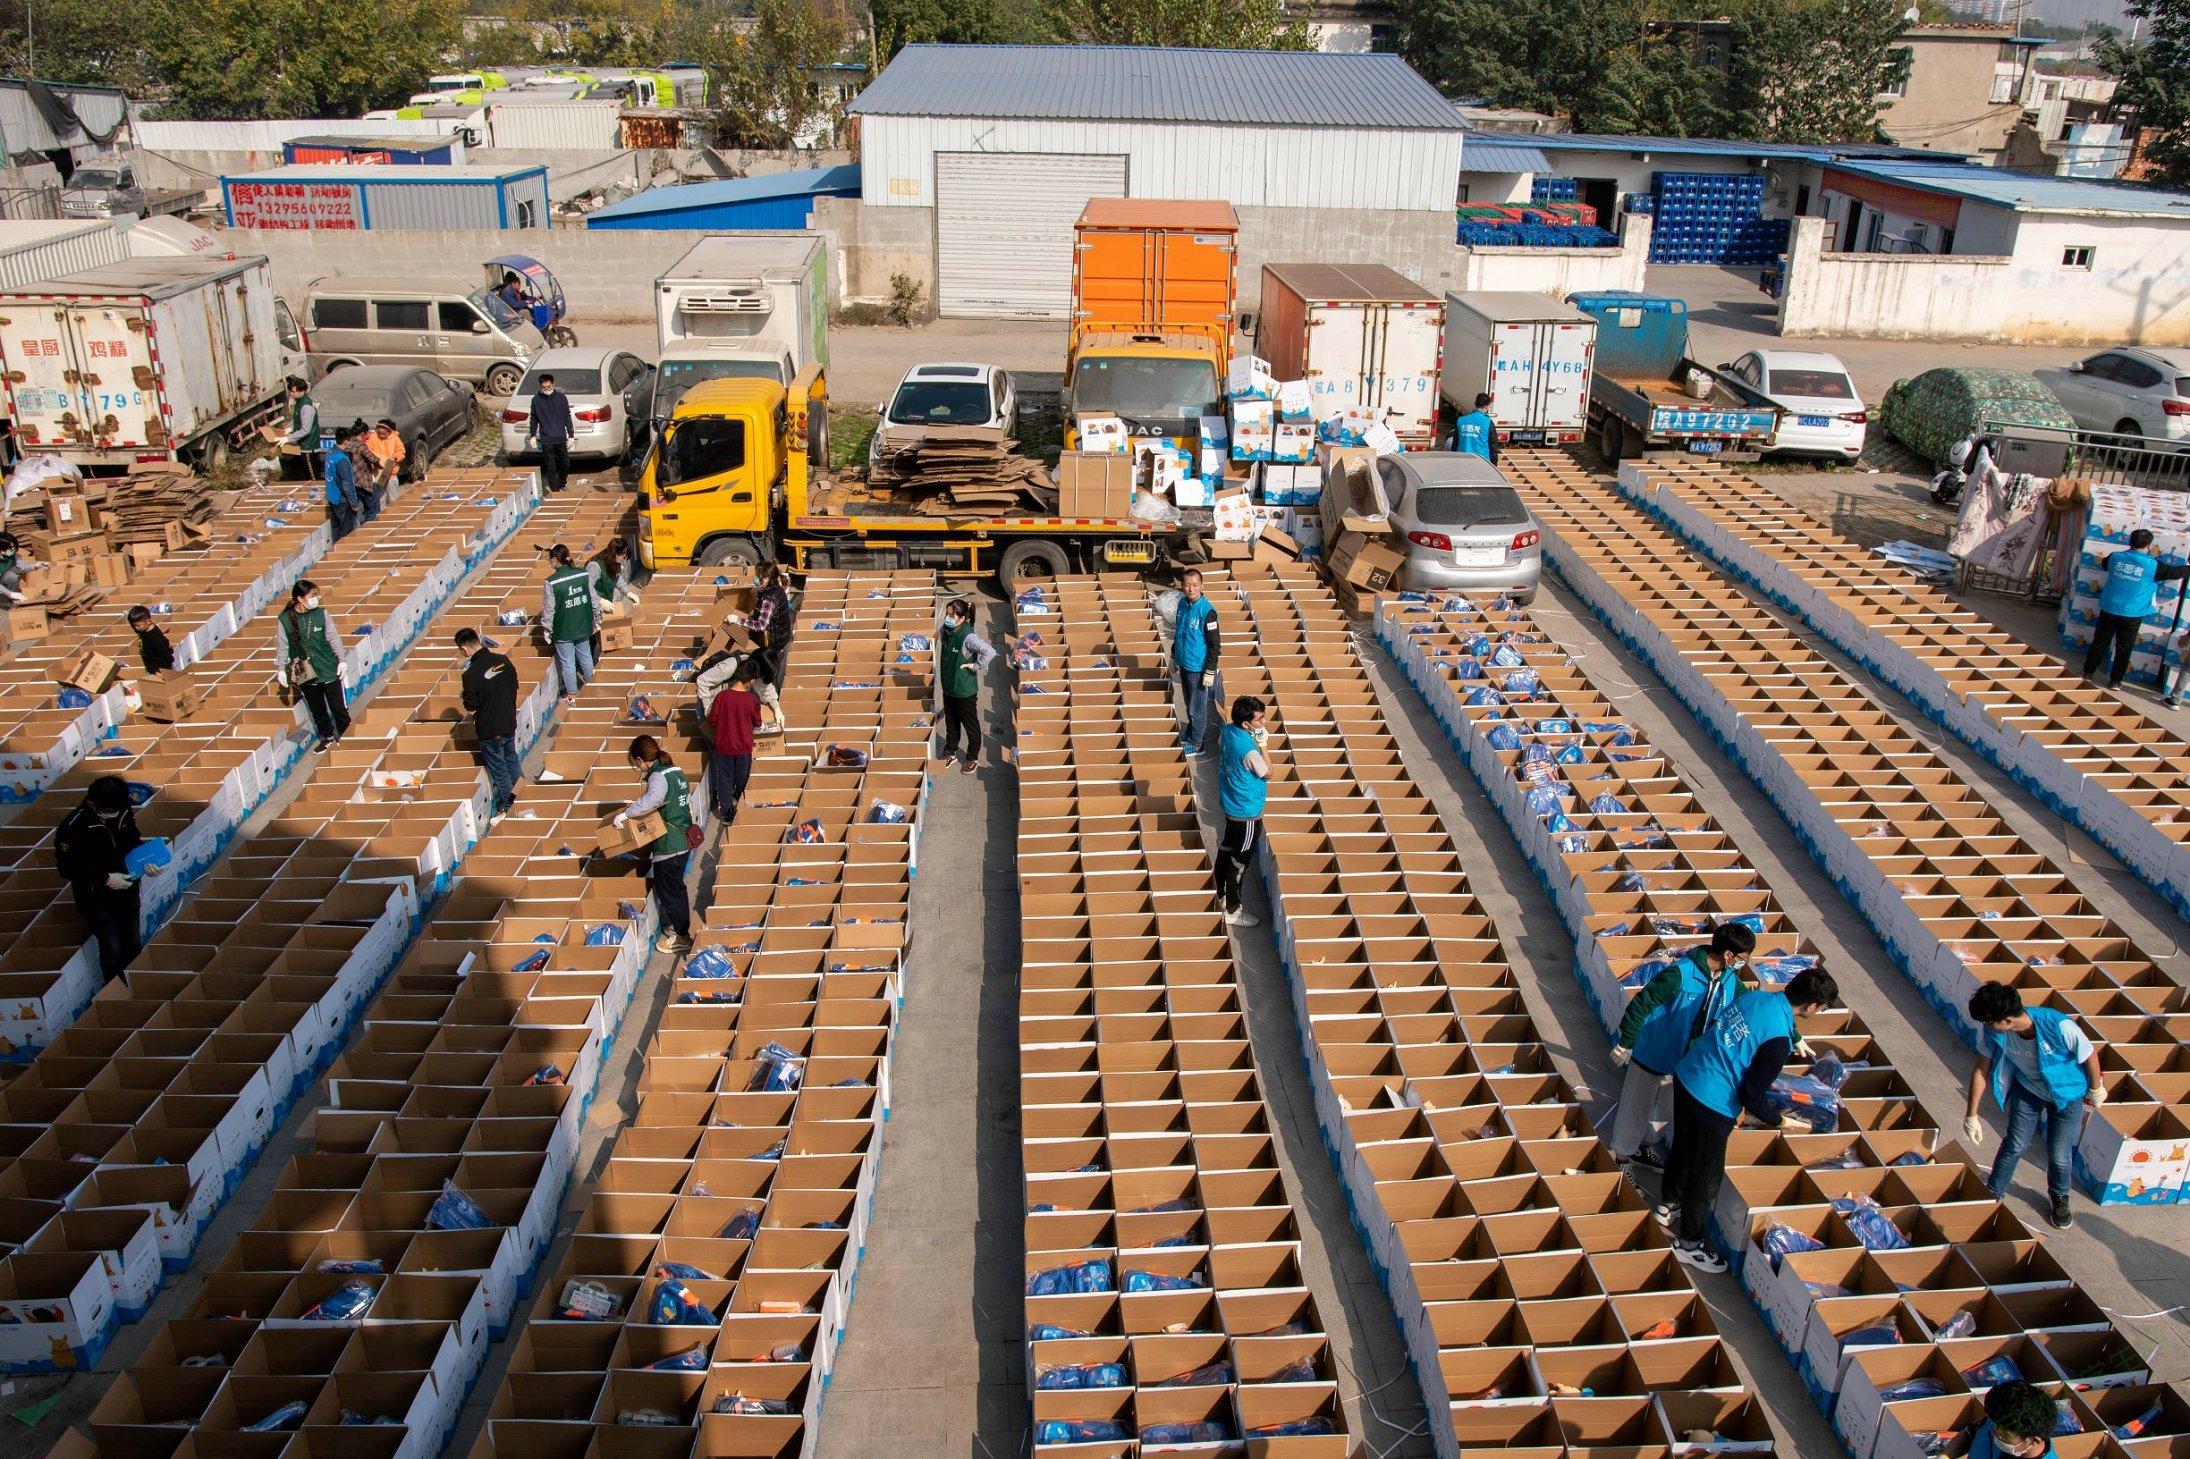 合肥工业大学材料学院助力壹基金温暖包分装项目